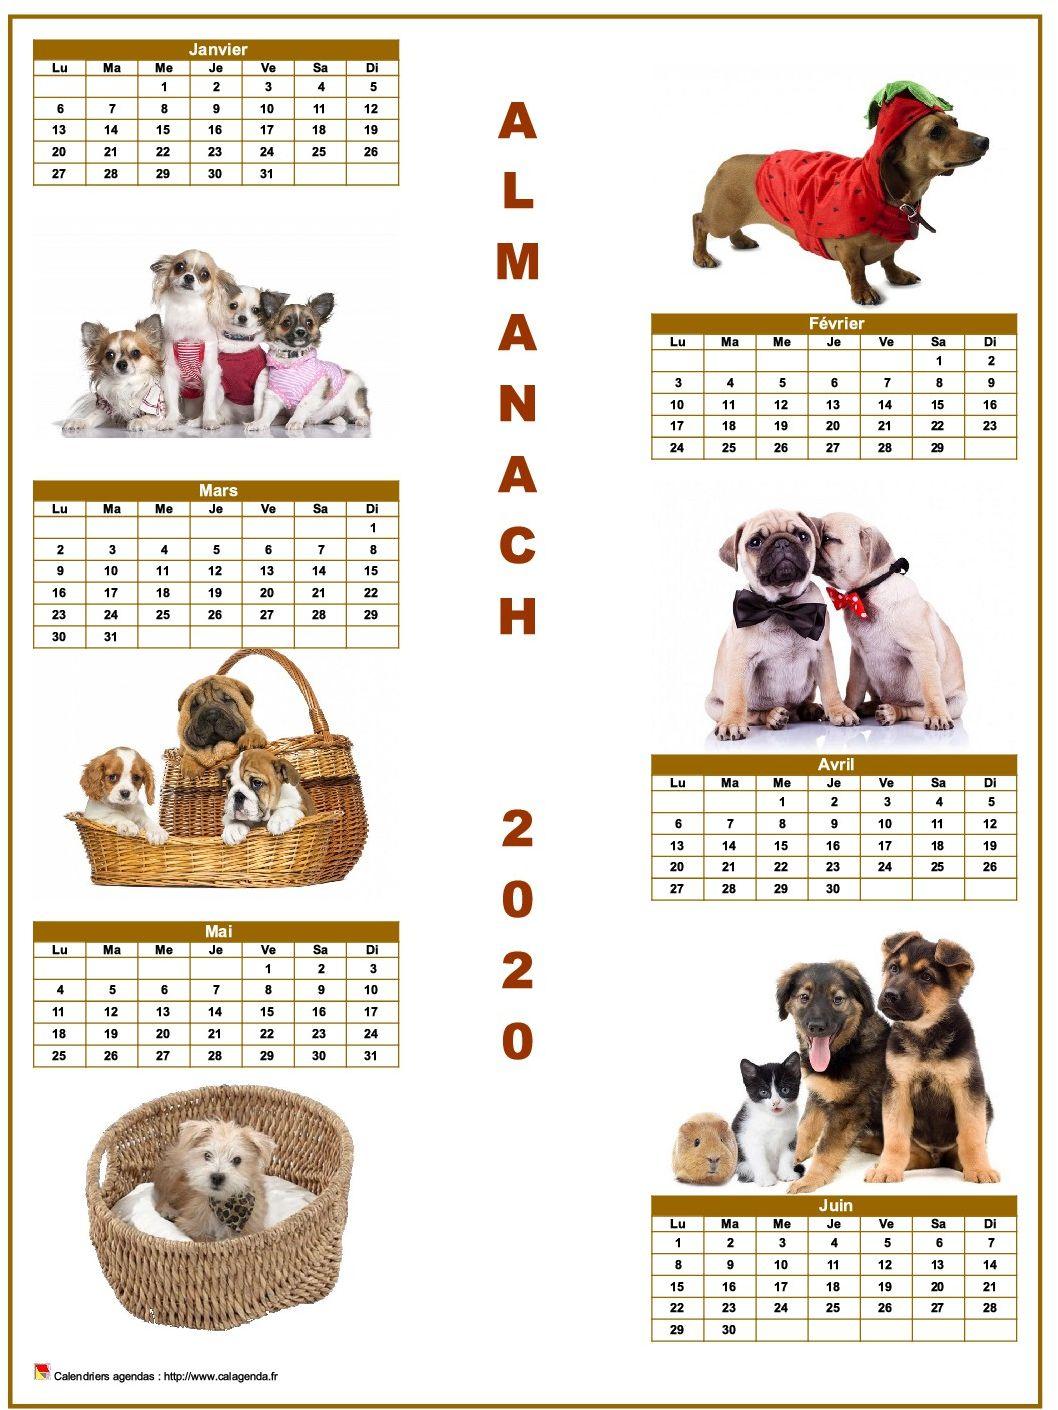 Calendrier 2020 semestriel chiens format portrait